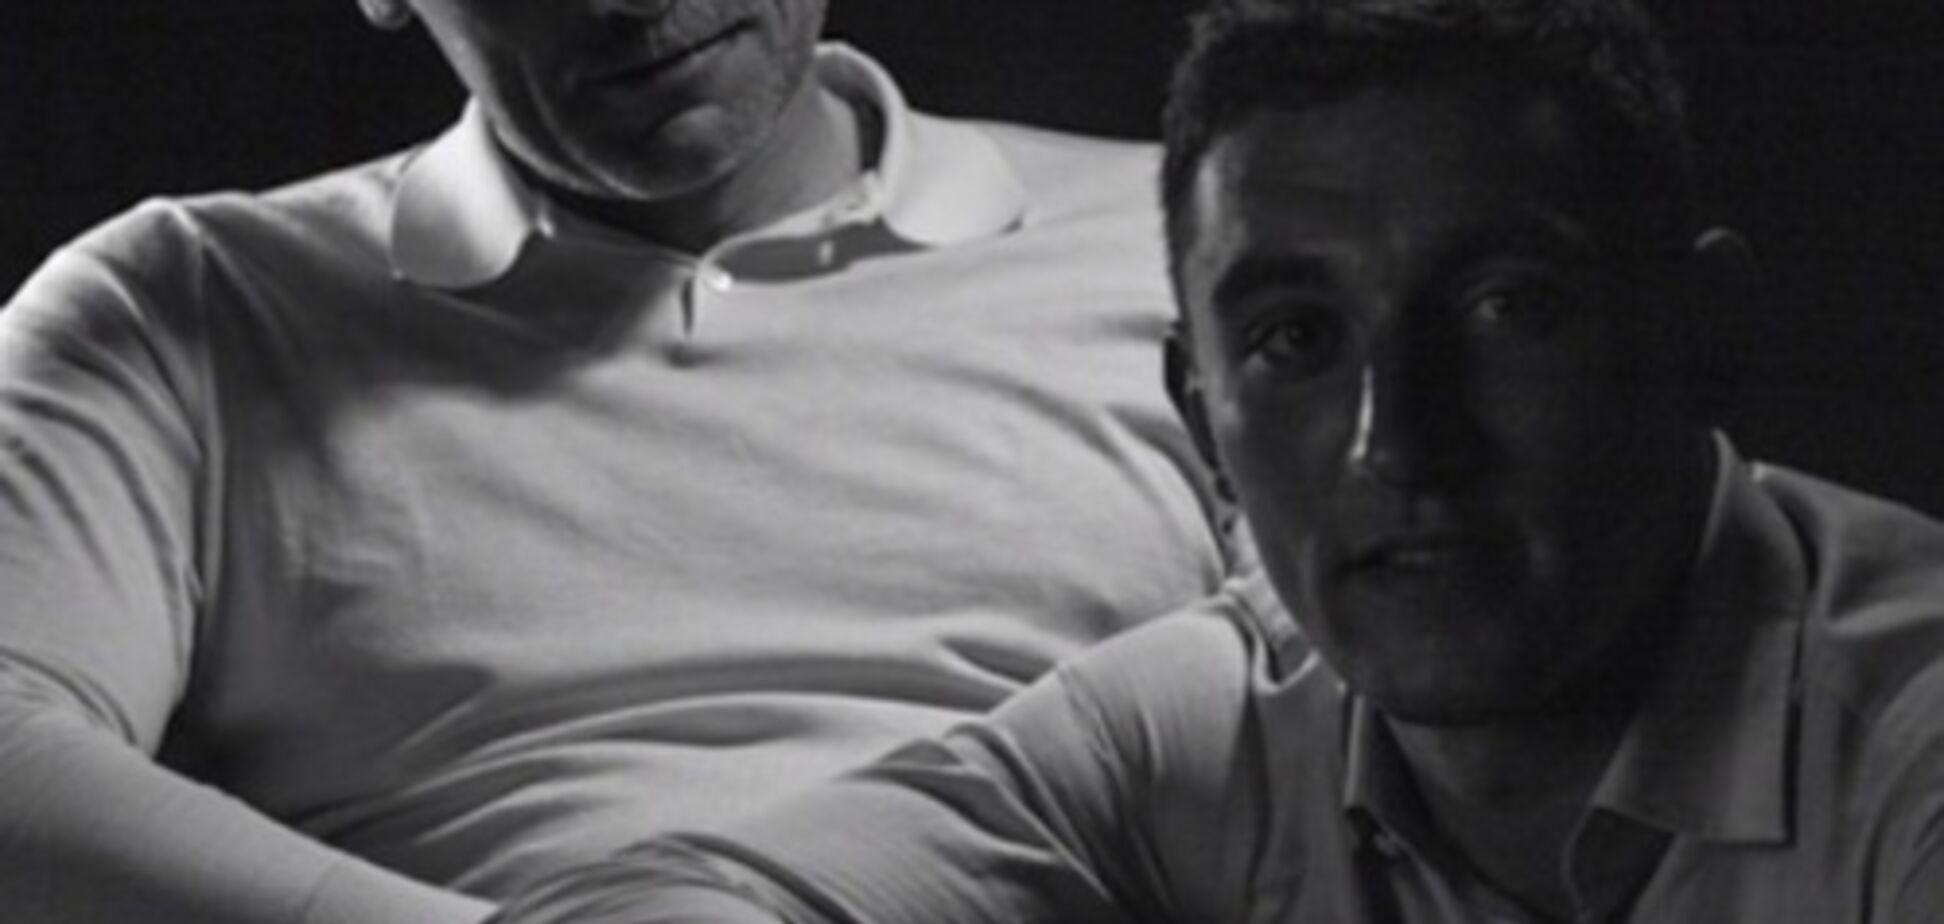 Тюрьма и безработица: Навальный рассказал 'историю успеха' сына спикера Путина